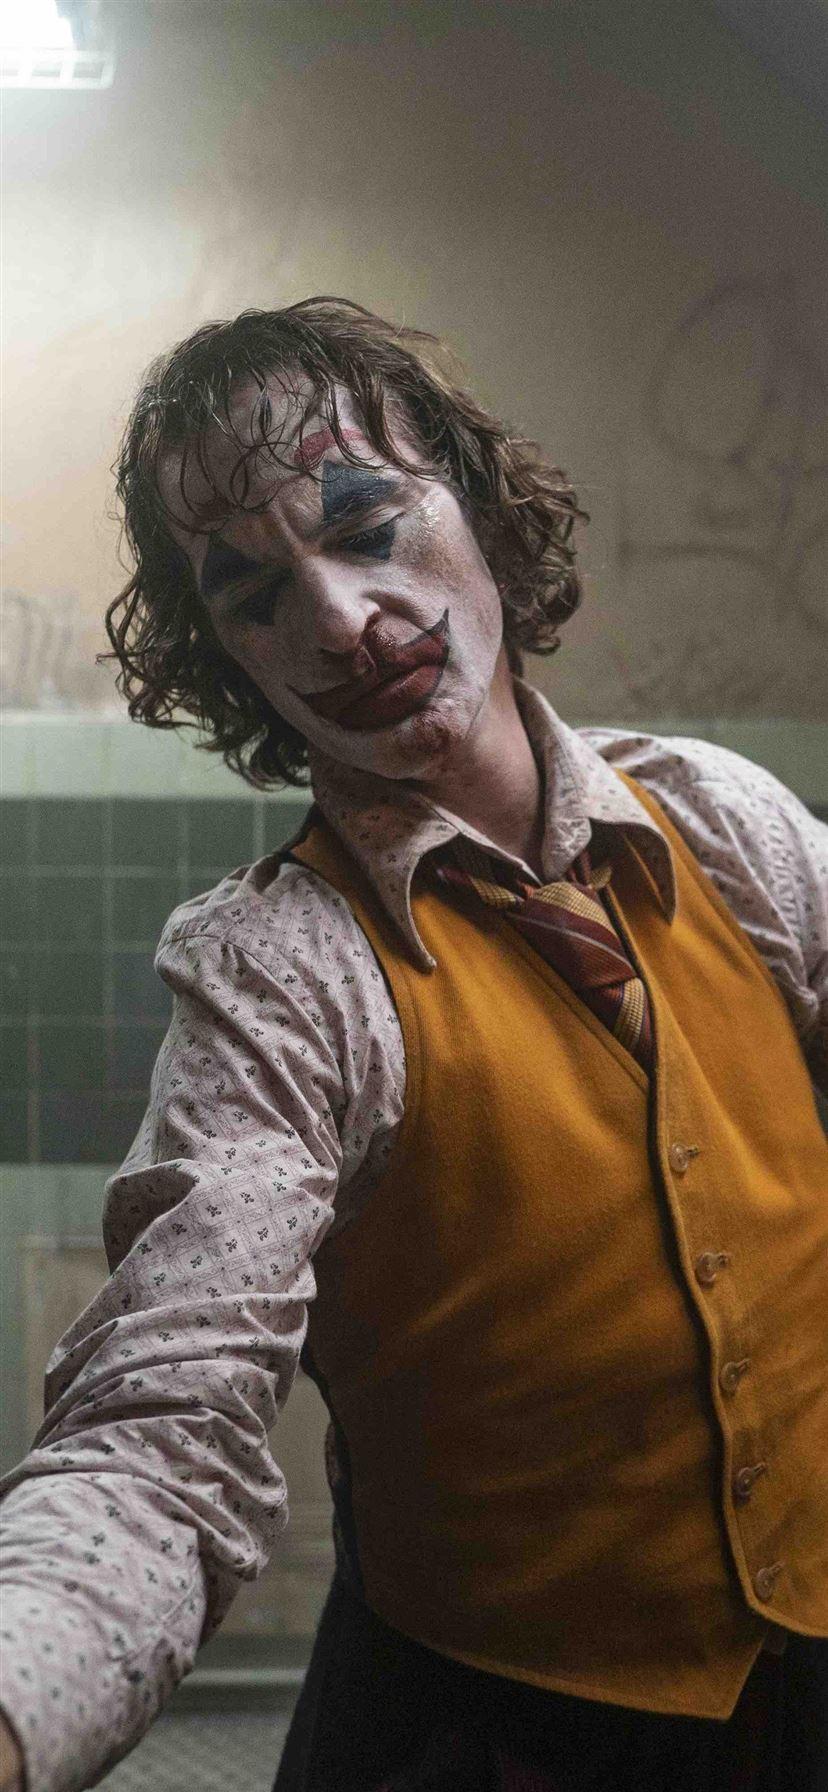 The Joker Joaquin Phoenix 5k Iphone 11 Wallpapers Free Download